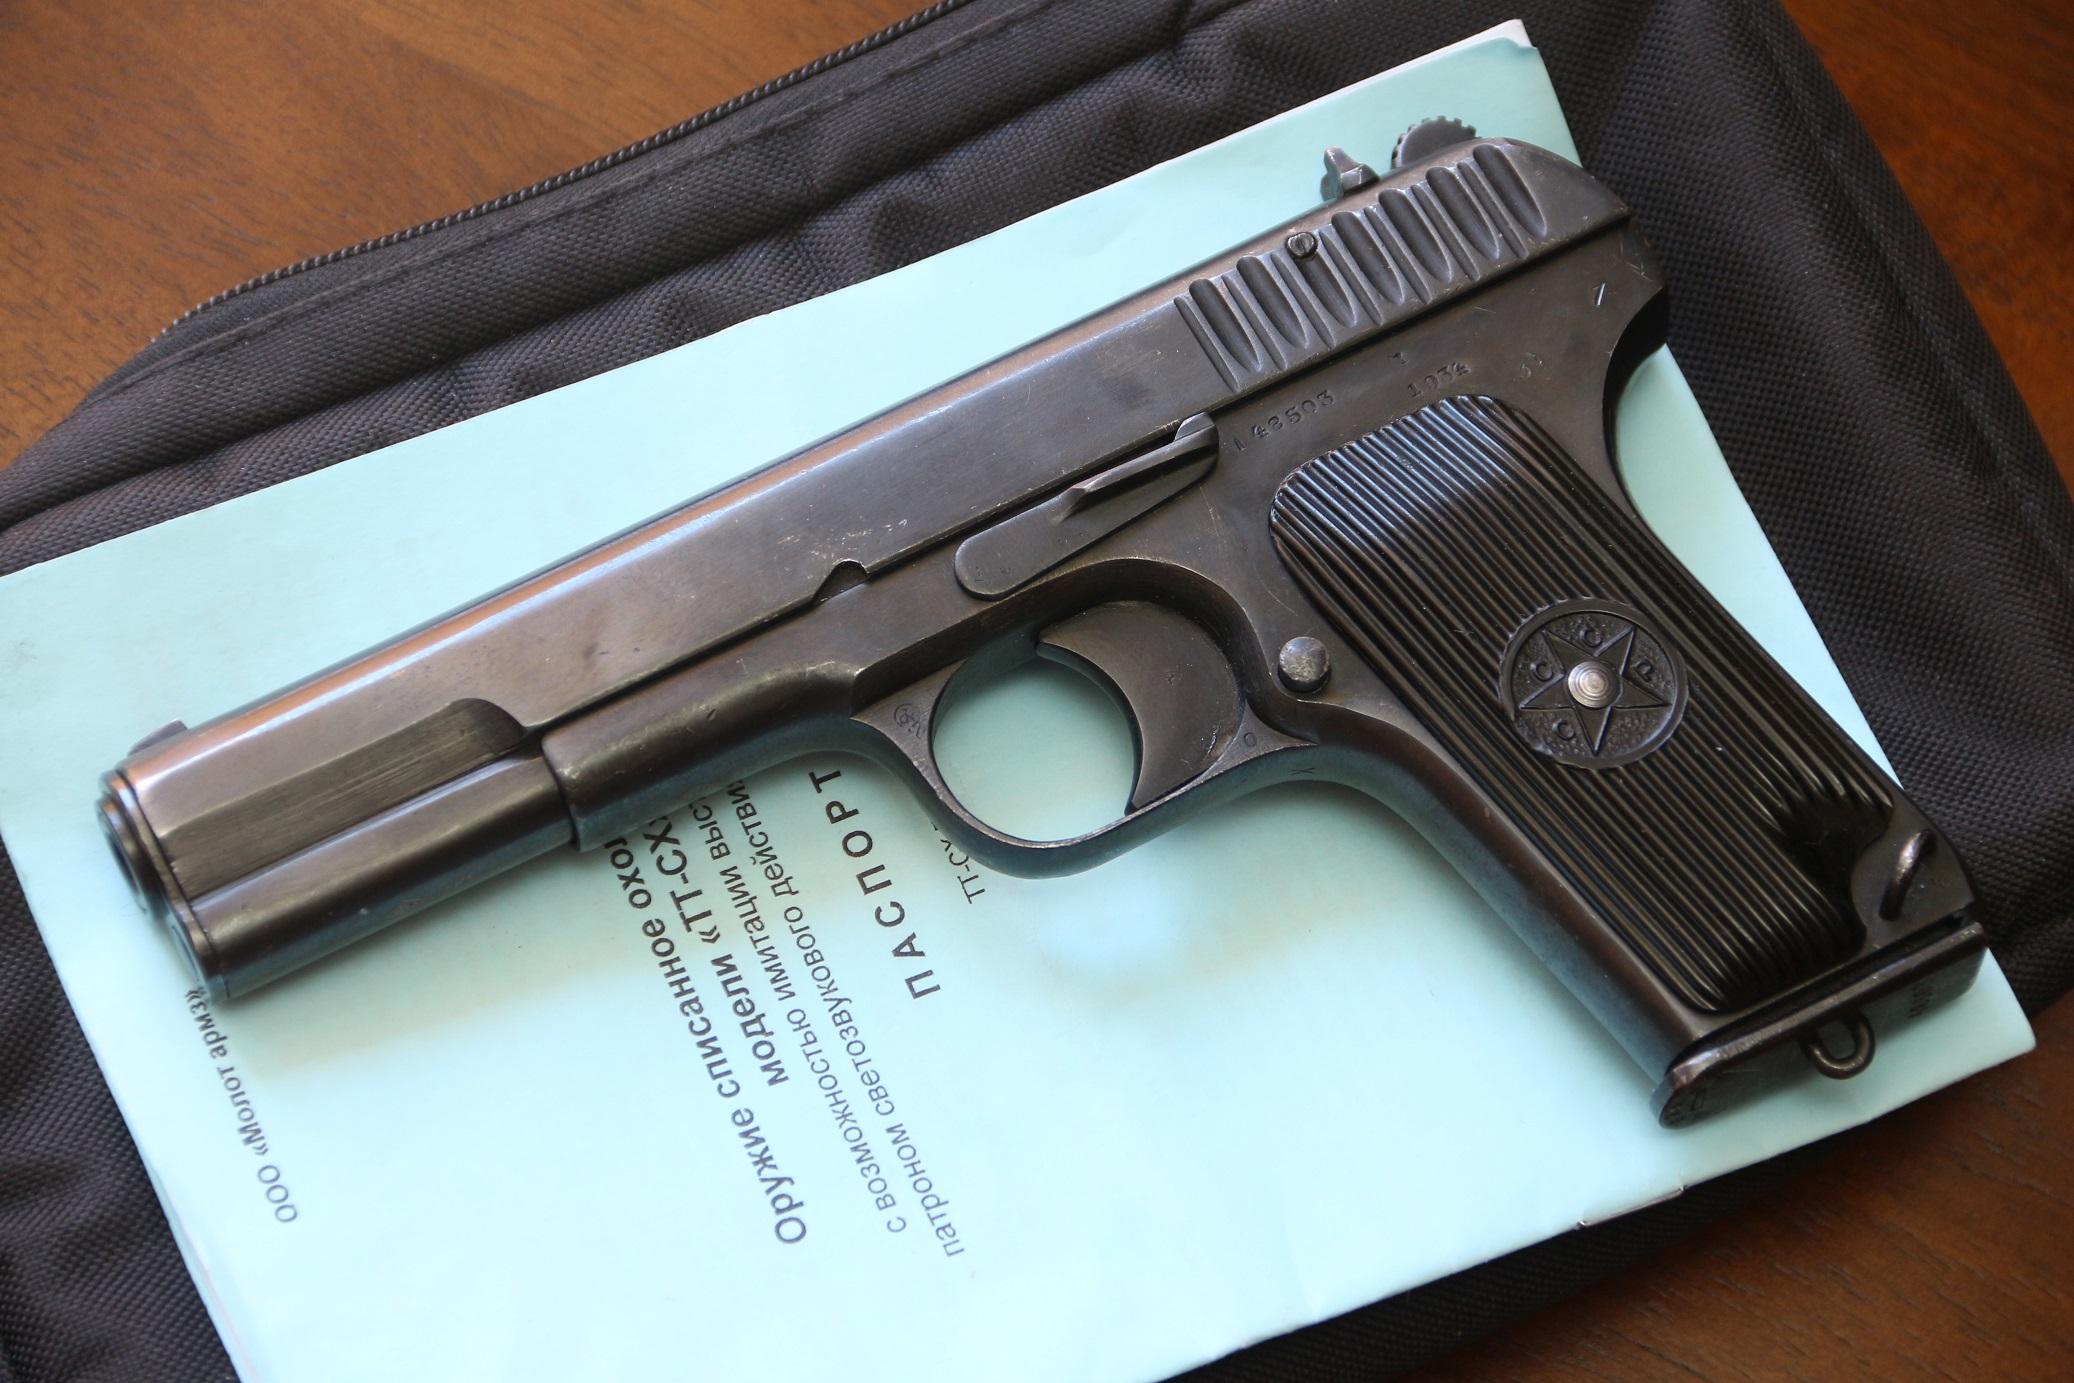 Охолощенный пистолет ТТ-СХ 1934 года, №48503, модификация ТТ-30